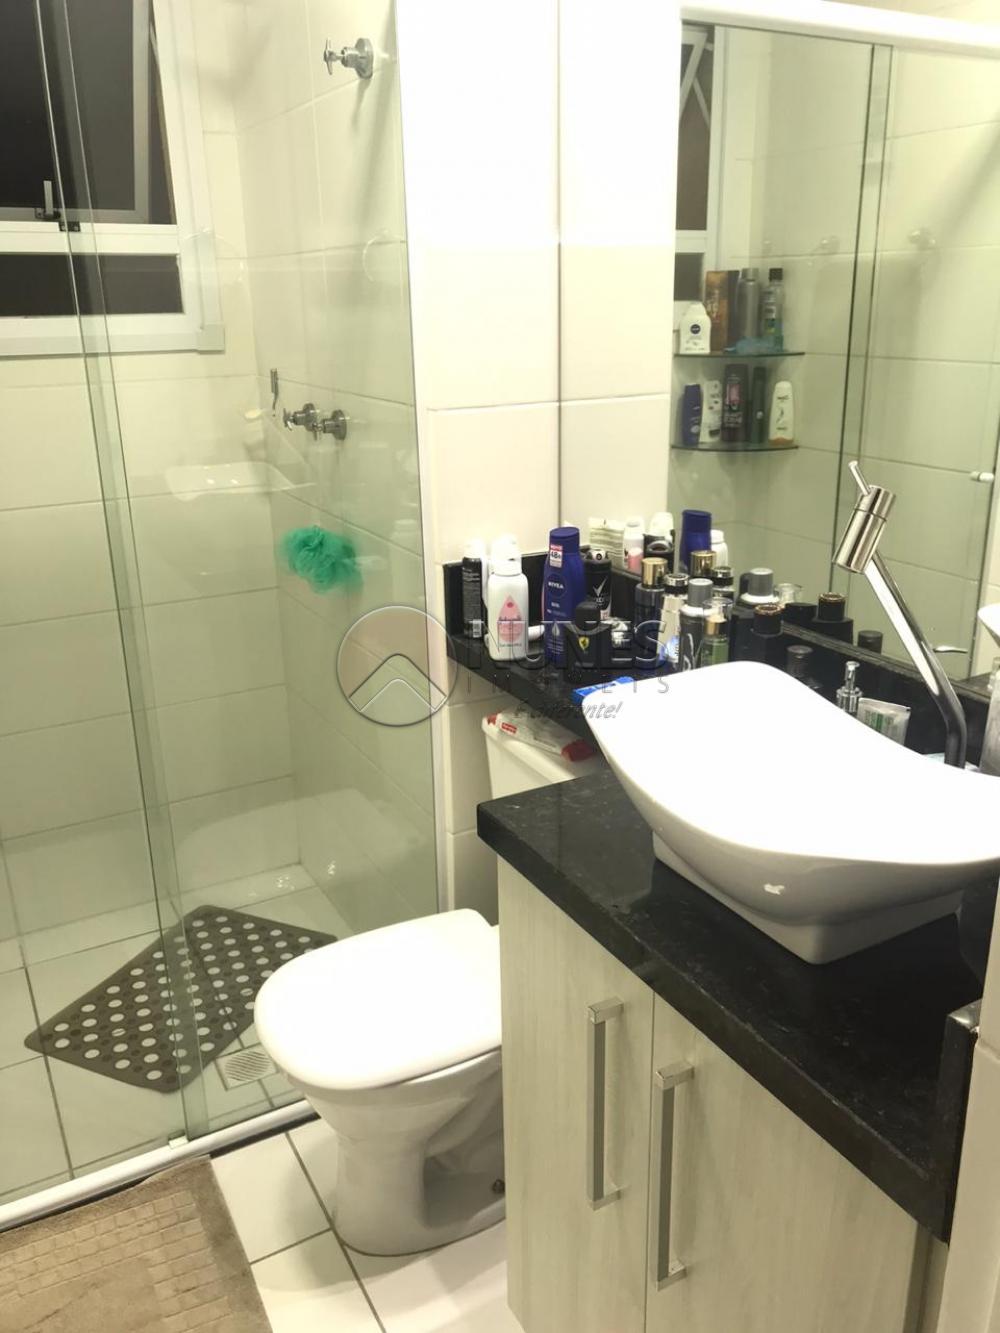 Comprar Apartamento / Padrão em Jundiaí apenas R$ 280.000,00 - Foto 19